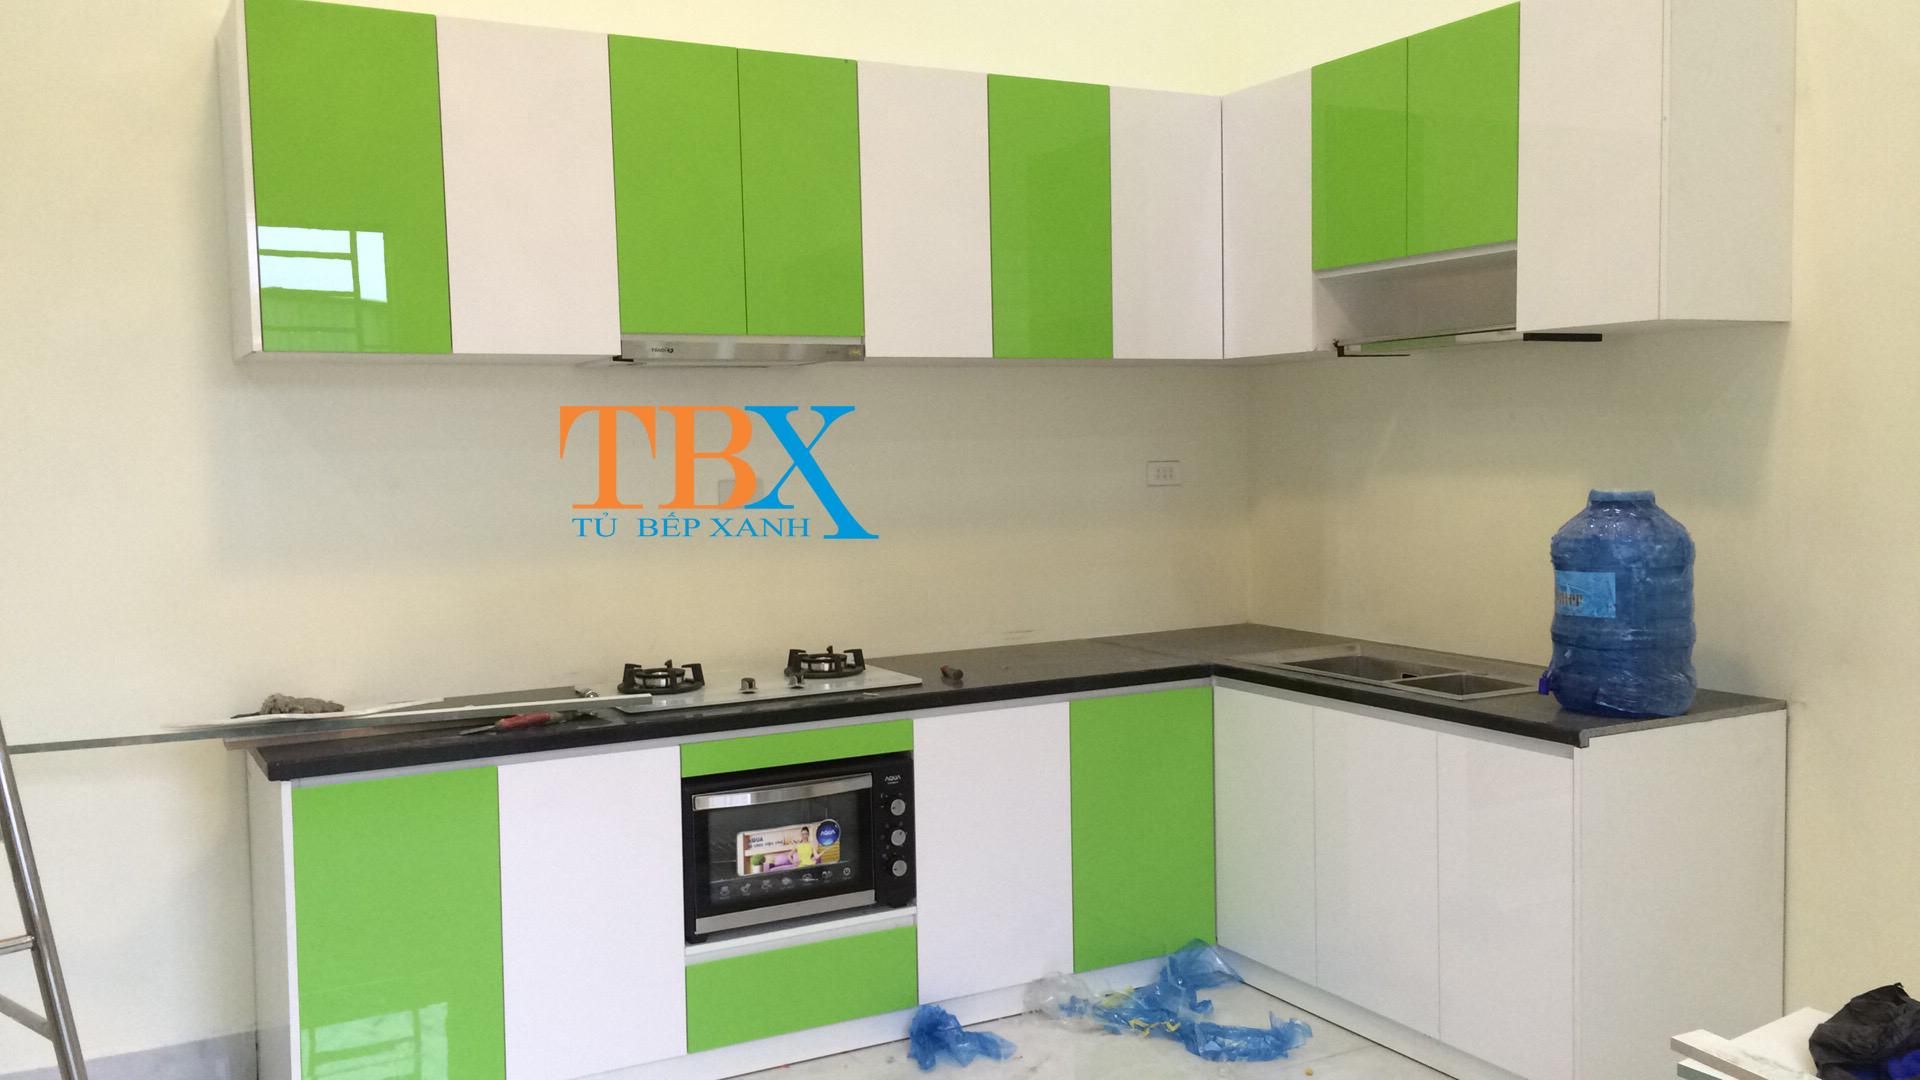 Tủ bếp acrylic ở đồng nai